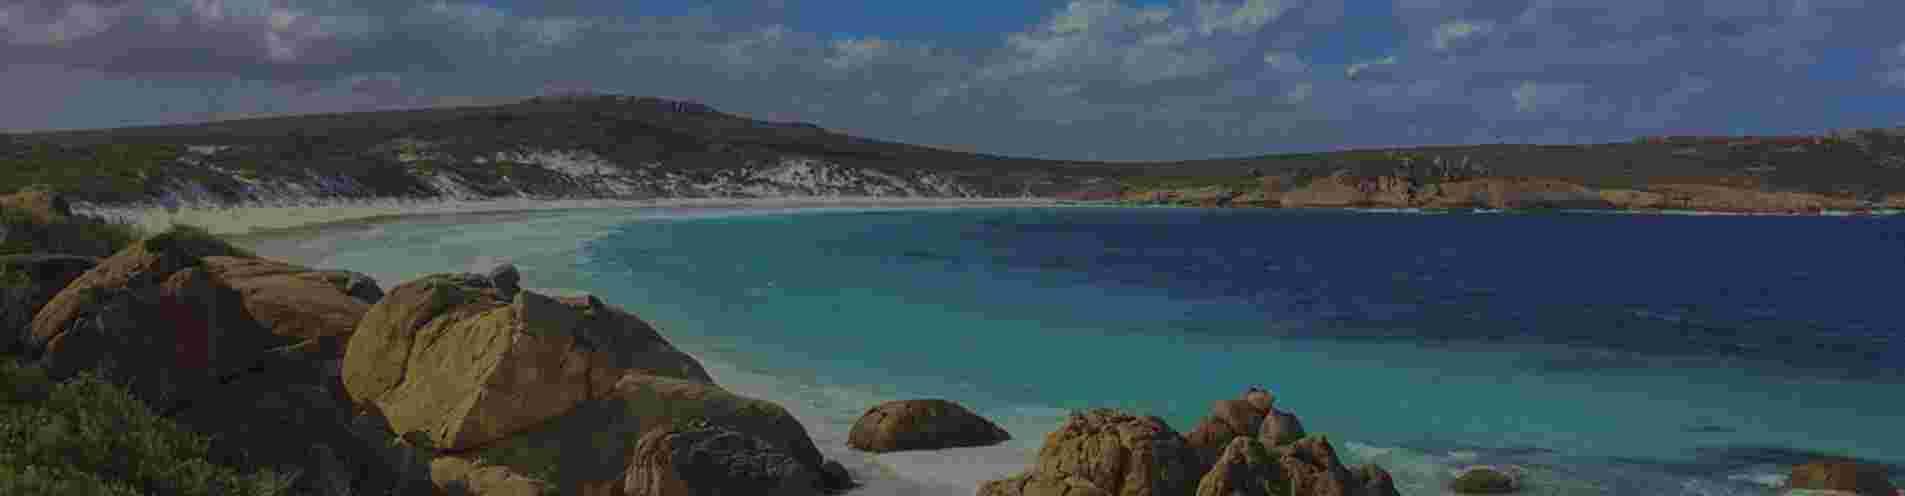 Greg Grainger on the Eyre Peninsula header image